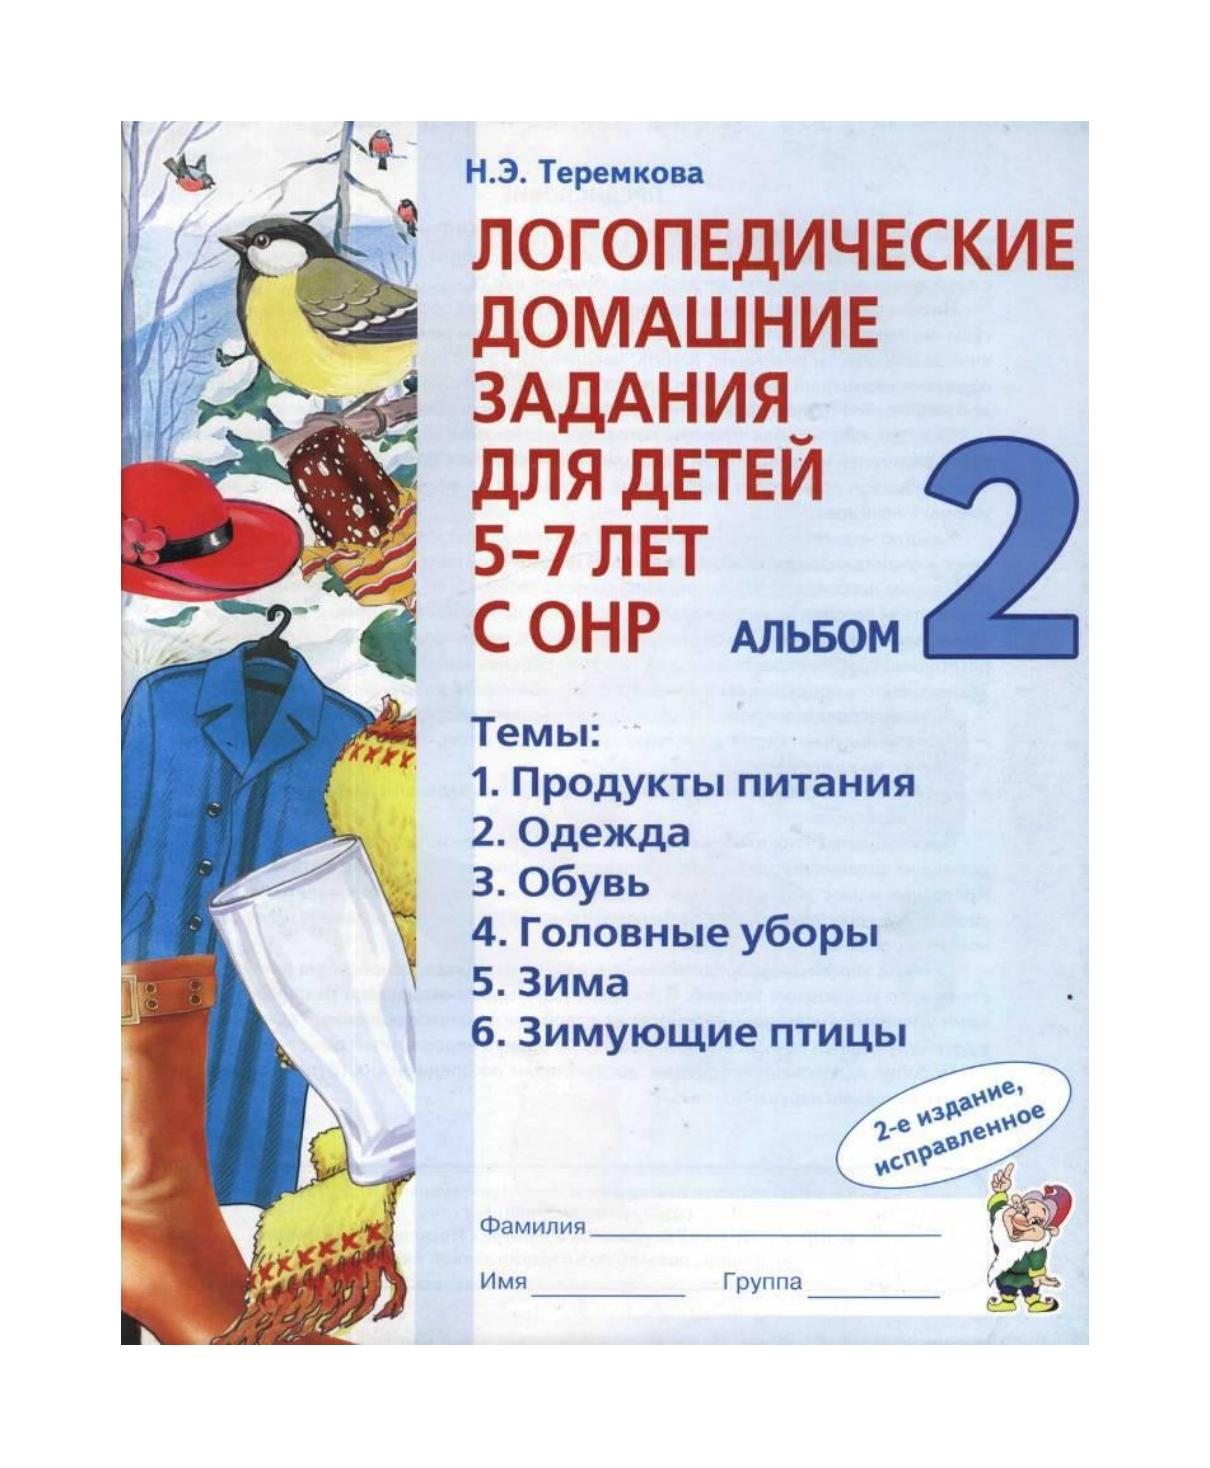 Логопедические домашние задания для детей 5-7 лет с онр альбом 1 2 3 4 скачать бесплатно